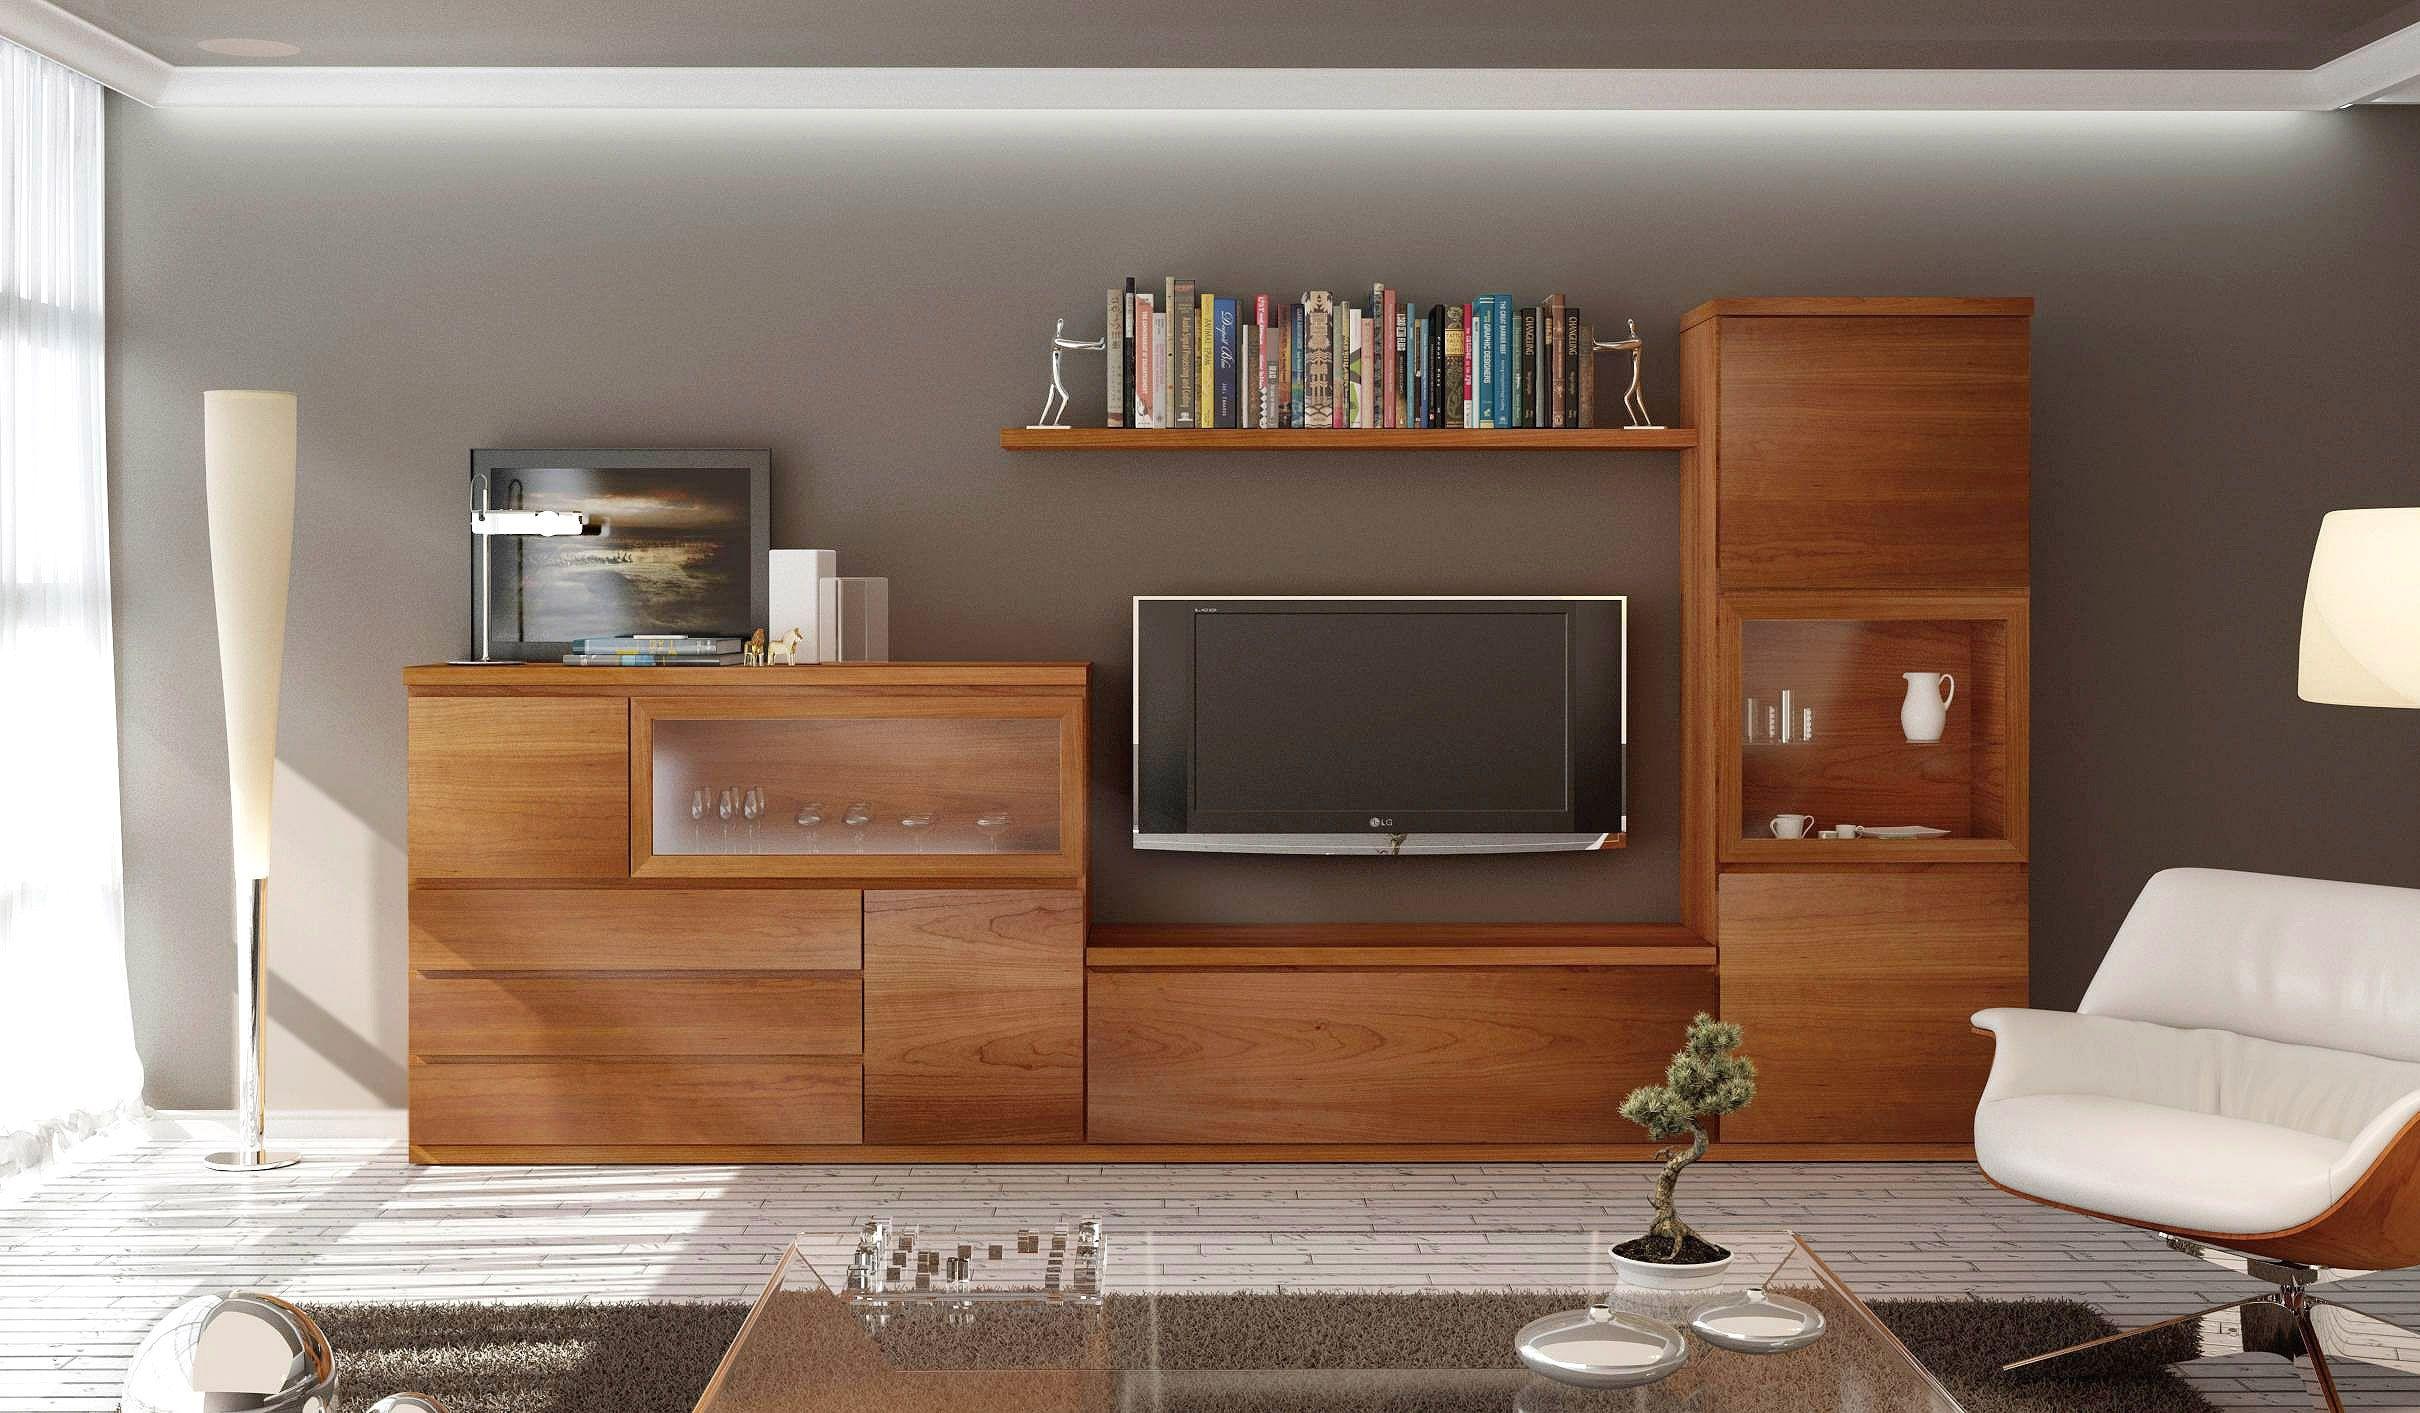 Foto 31 de Tienda de muebles en L'Hospitalet de Llobregat | Chousa